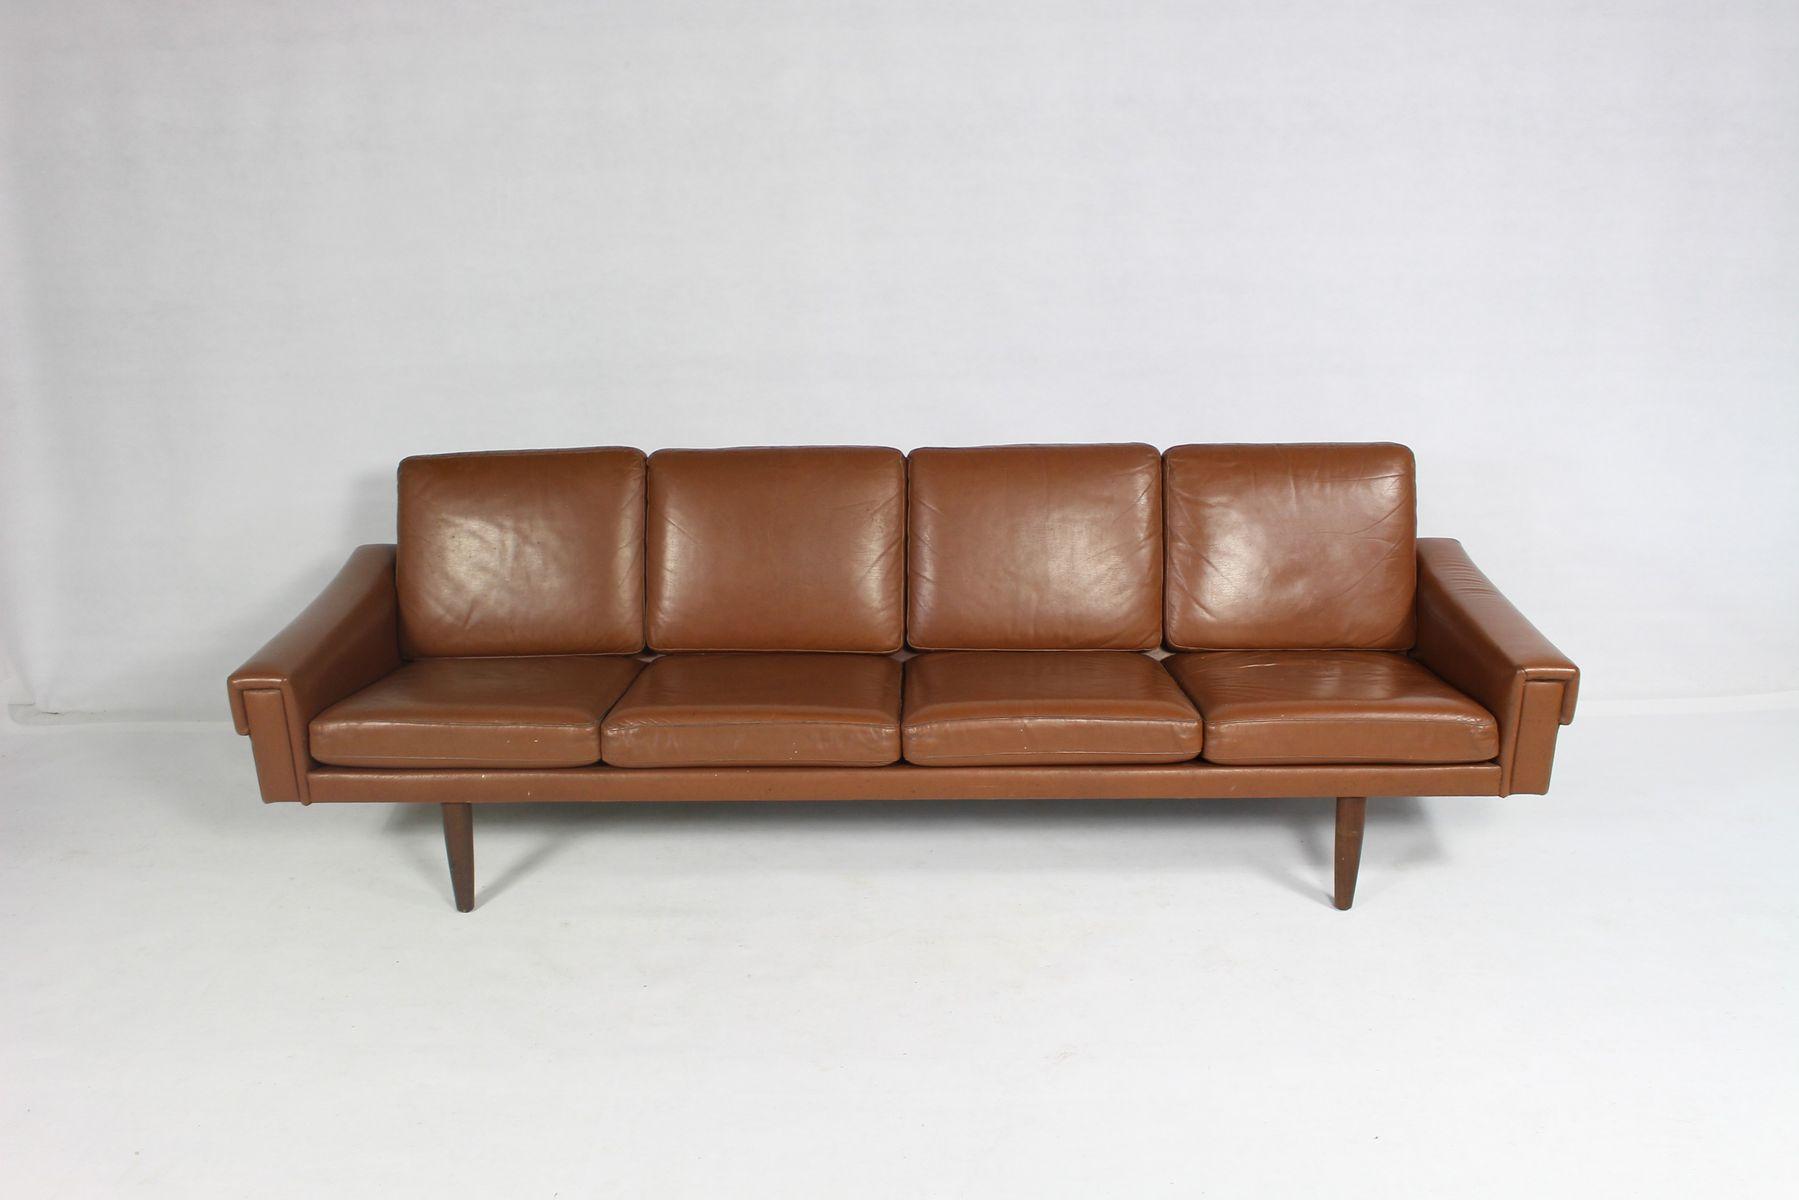 d nisches vintage leder 4 sitzer sofa 1960er bei pamono kaufen. Black Bedroom Furniture Sets. Home Design Ideas